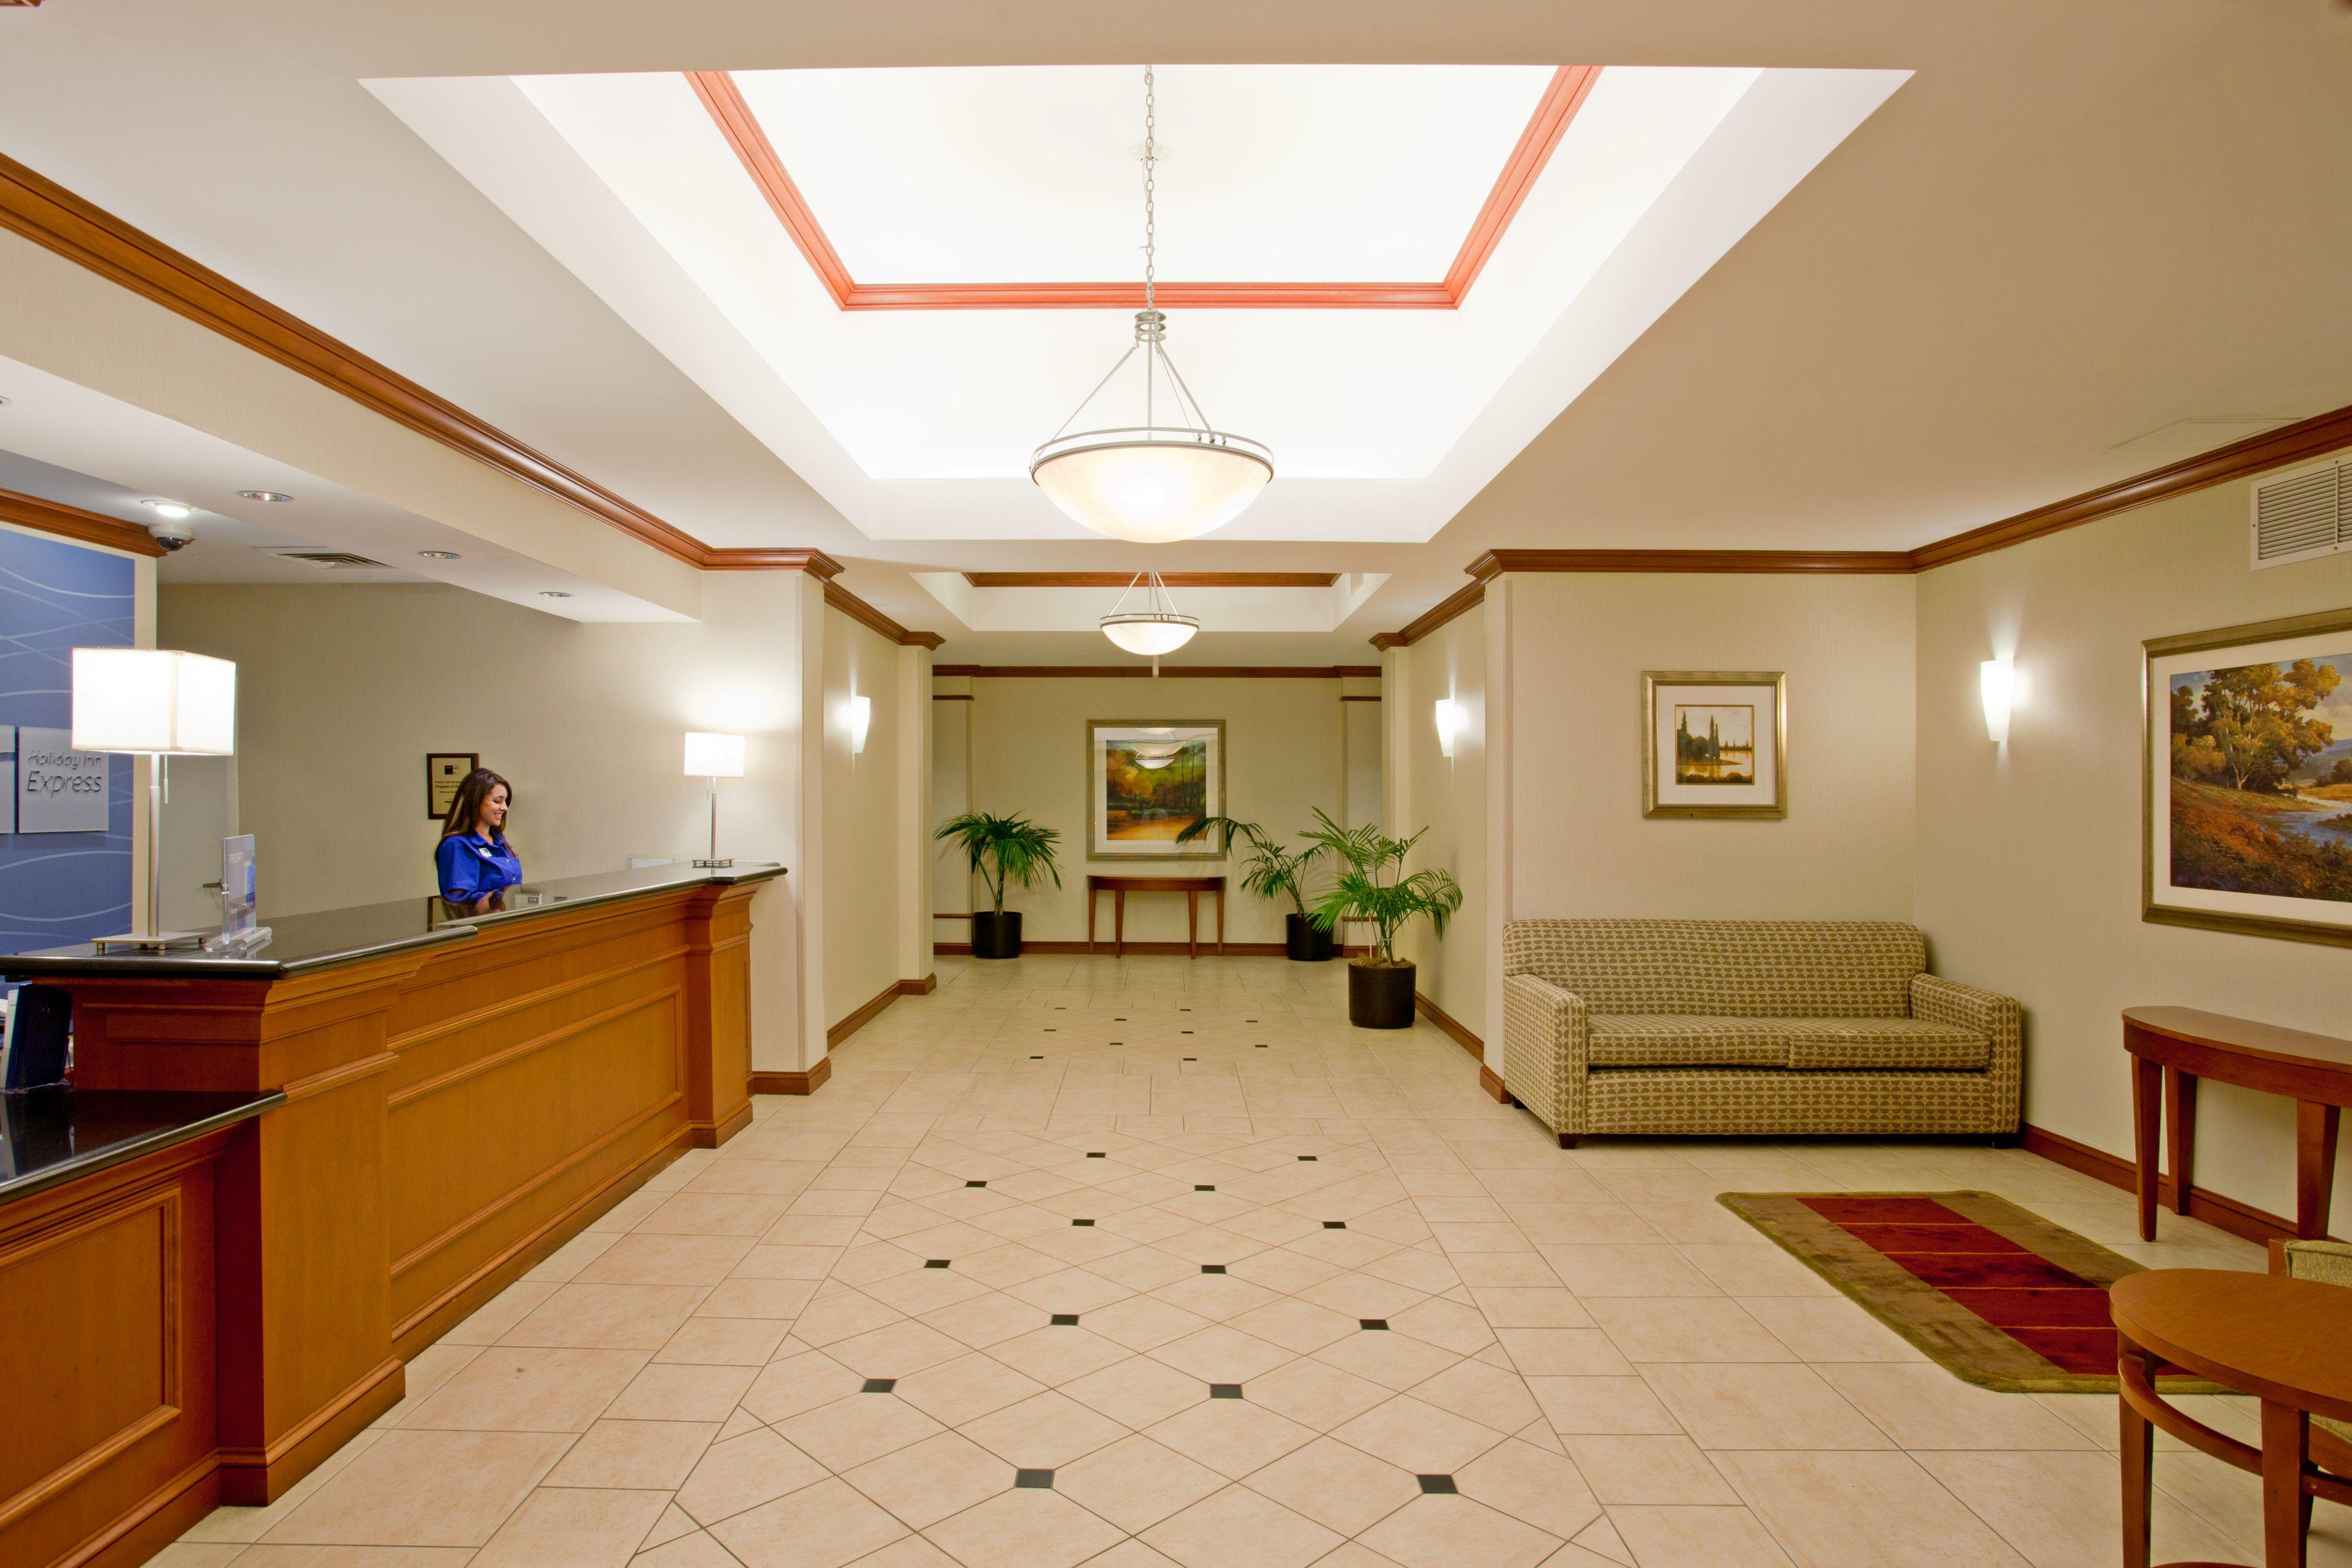 Holiday Inn Express & Suites Santa Clarita image 4